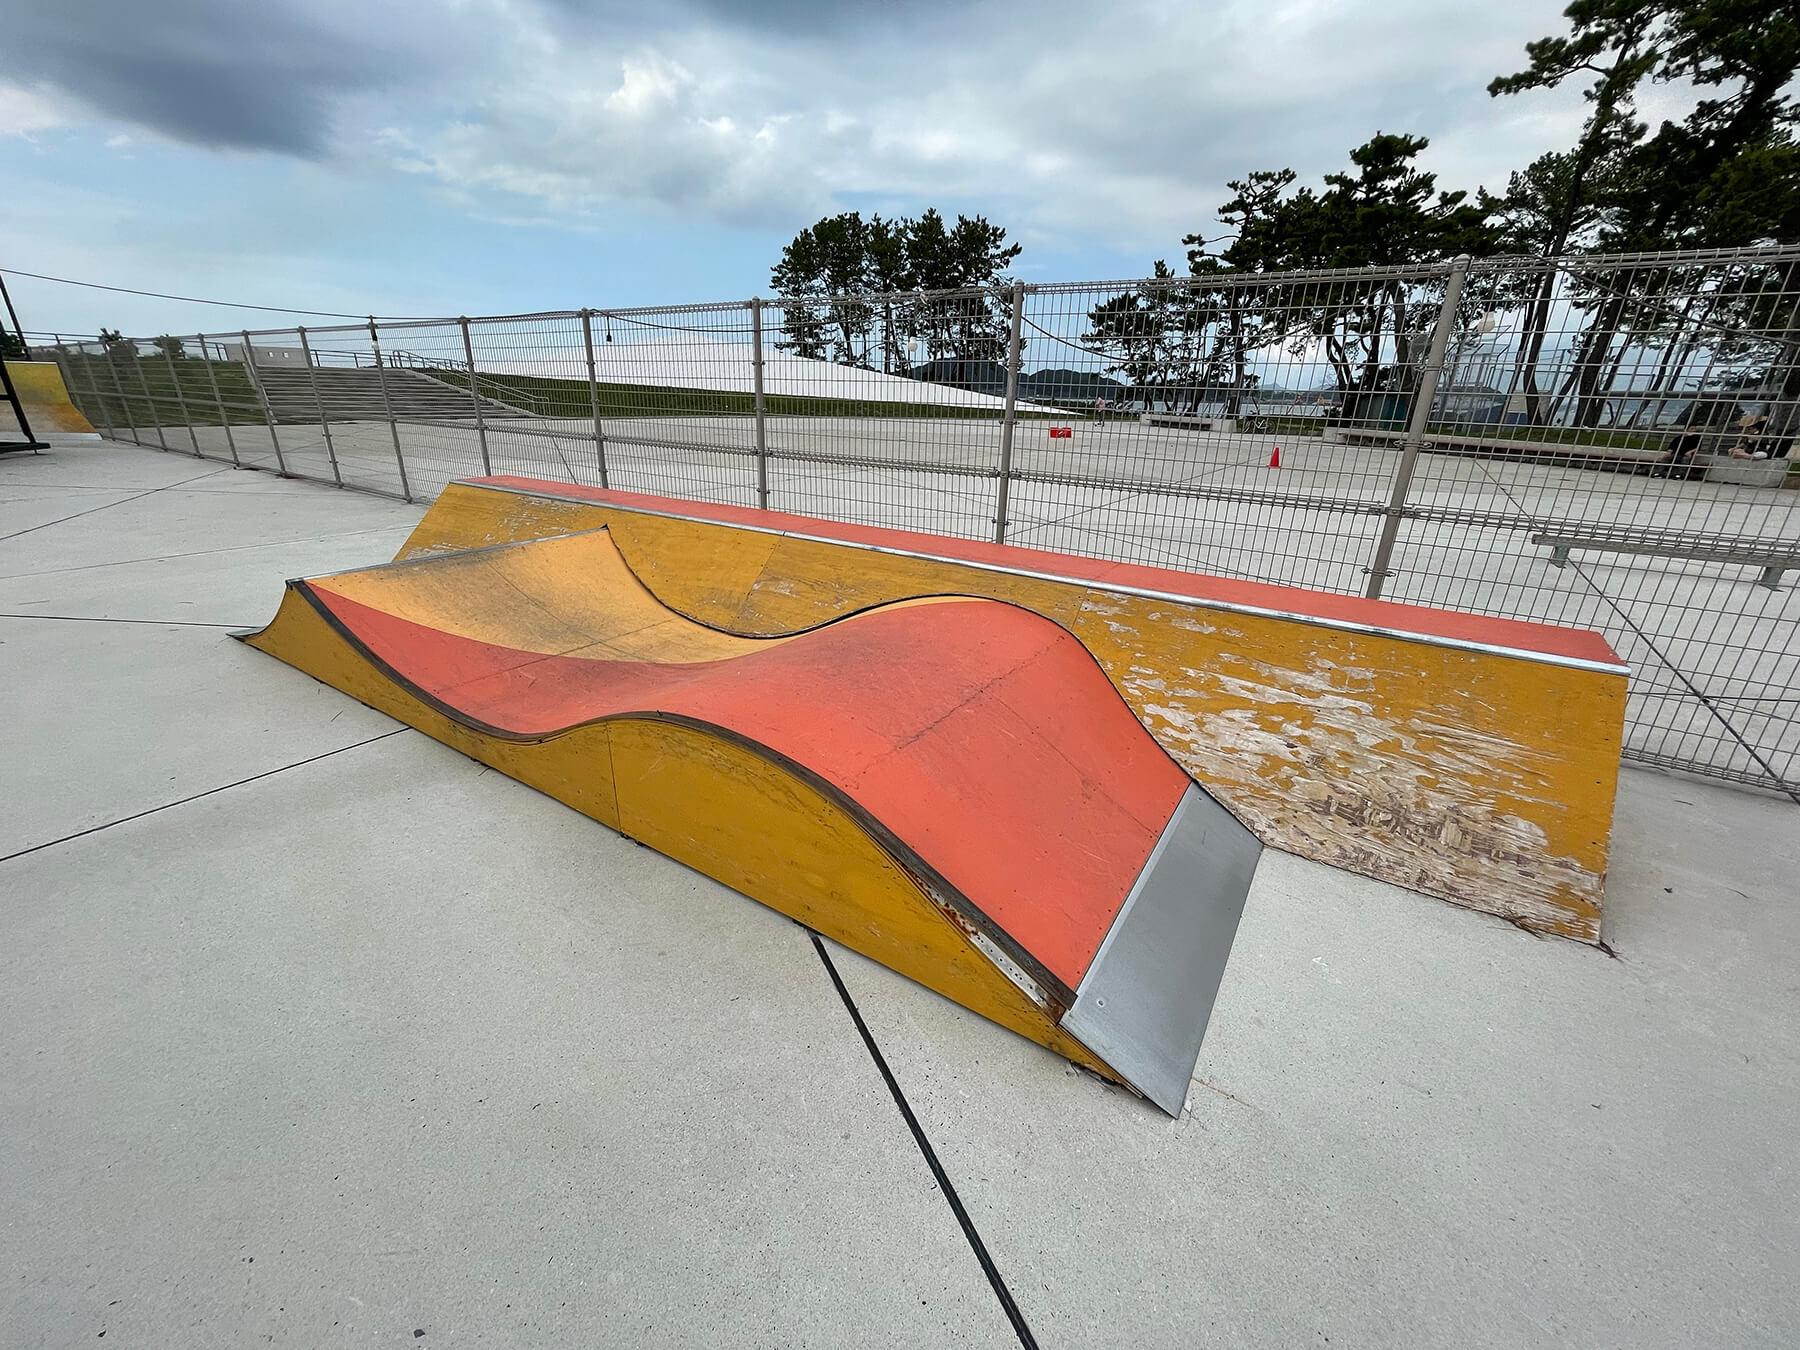 北九州スケートボードパーク 延命寺臨海公園